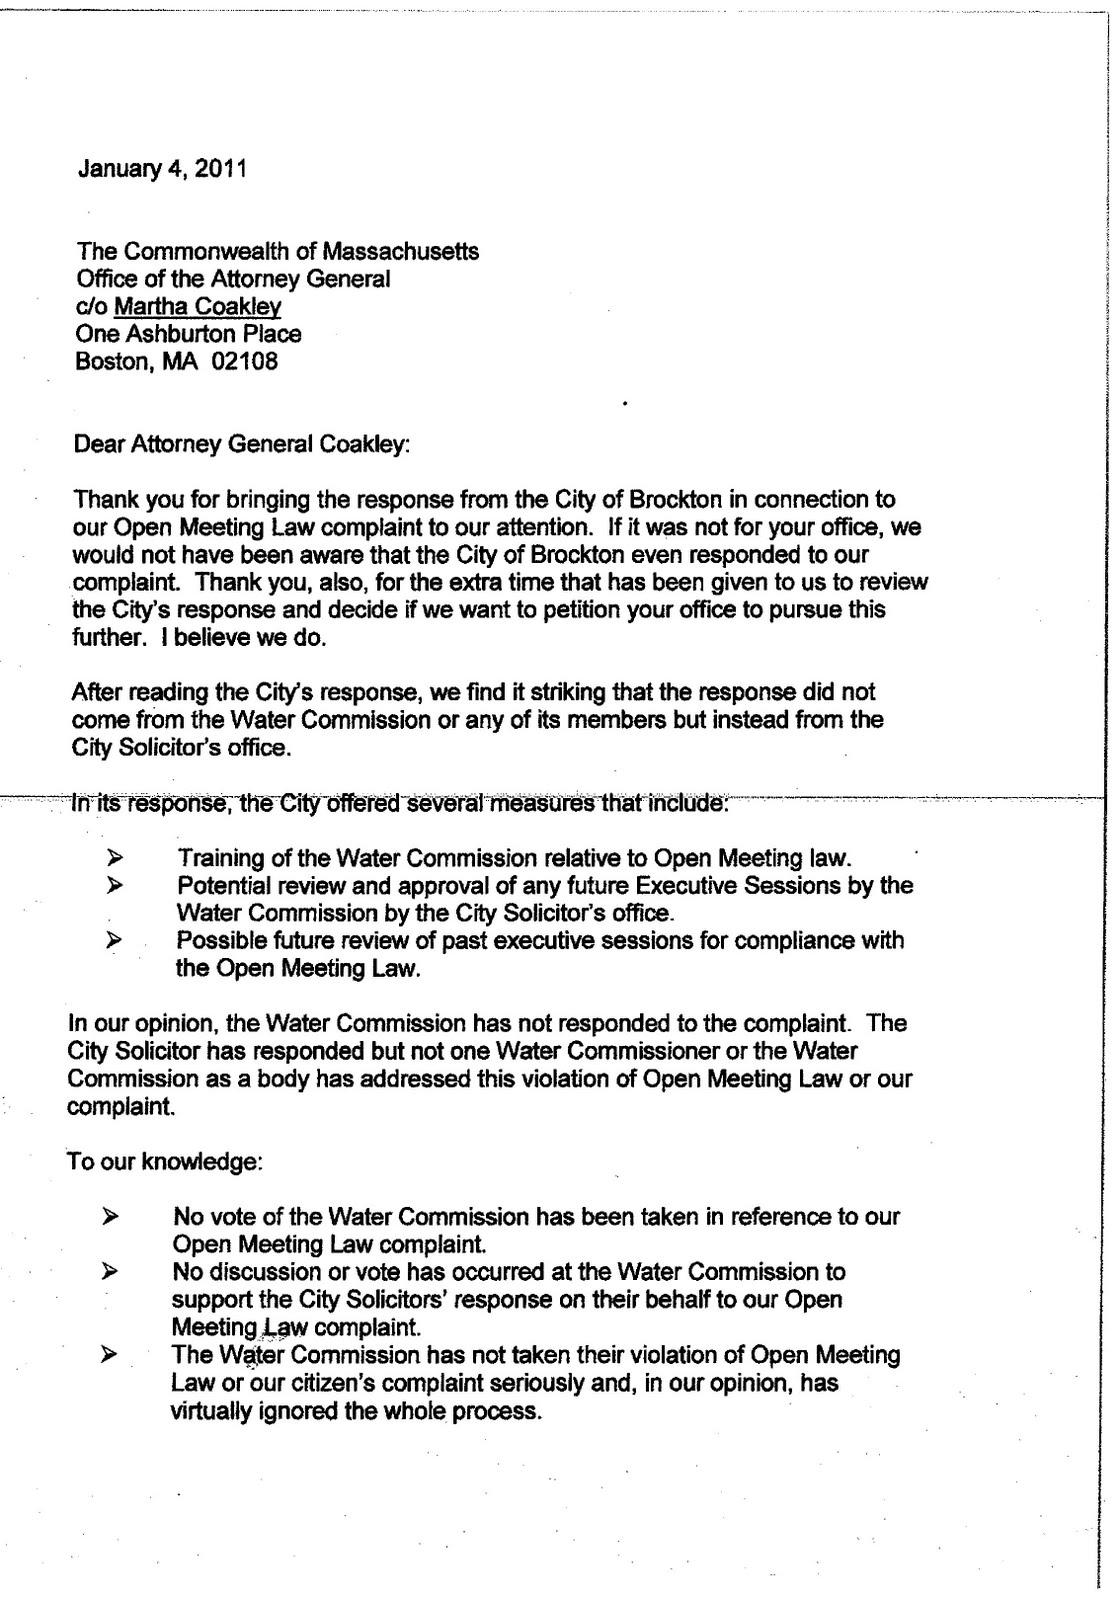 Sample Consumer Complaint Letter